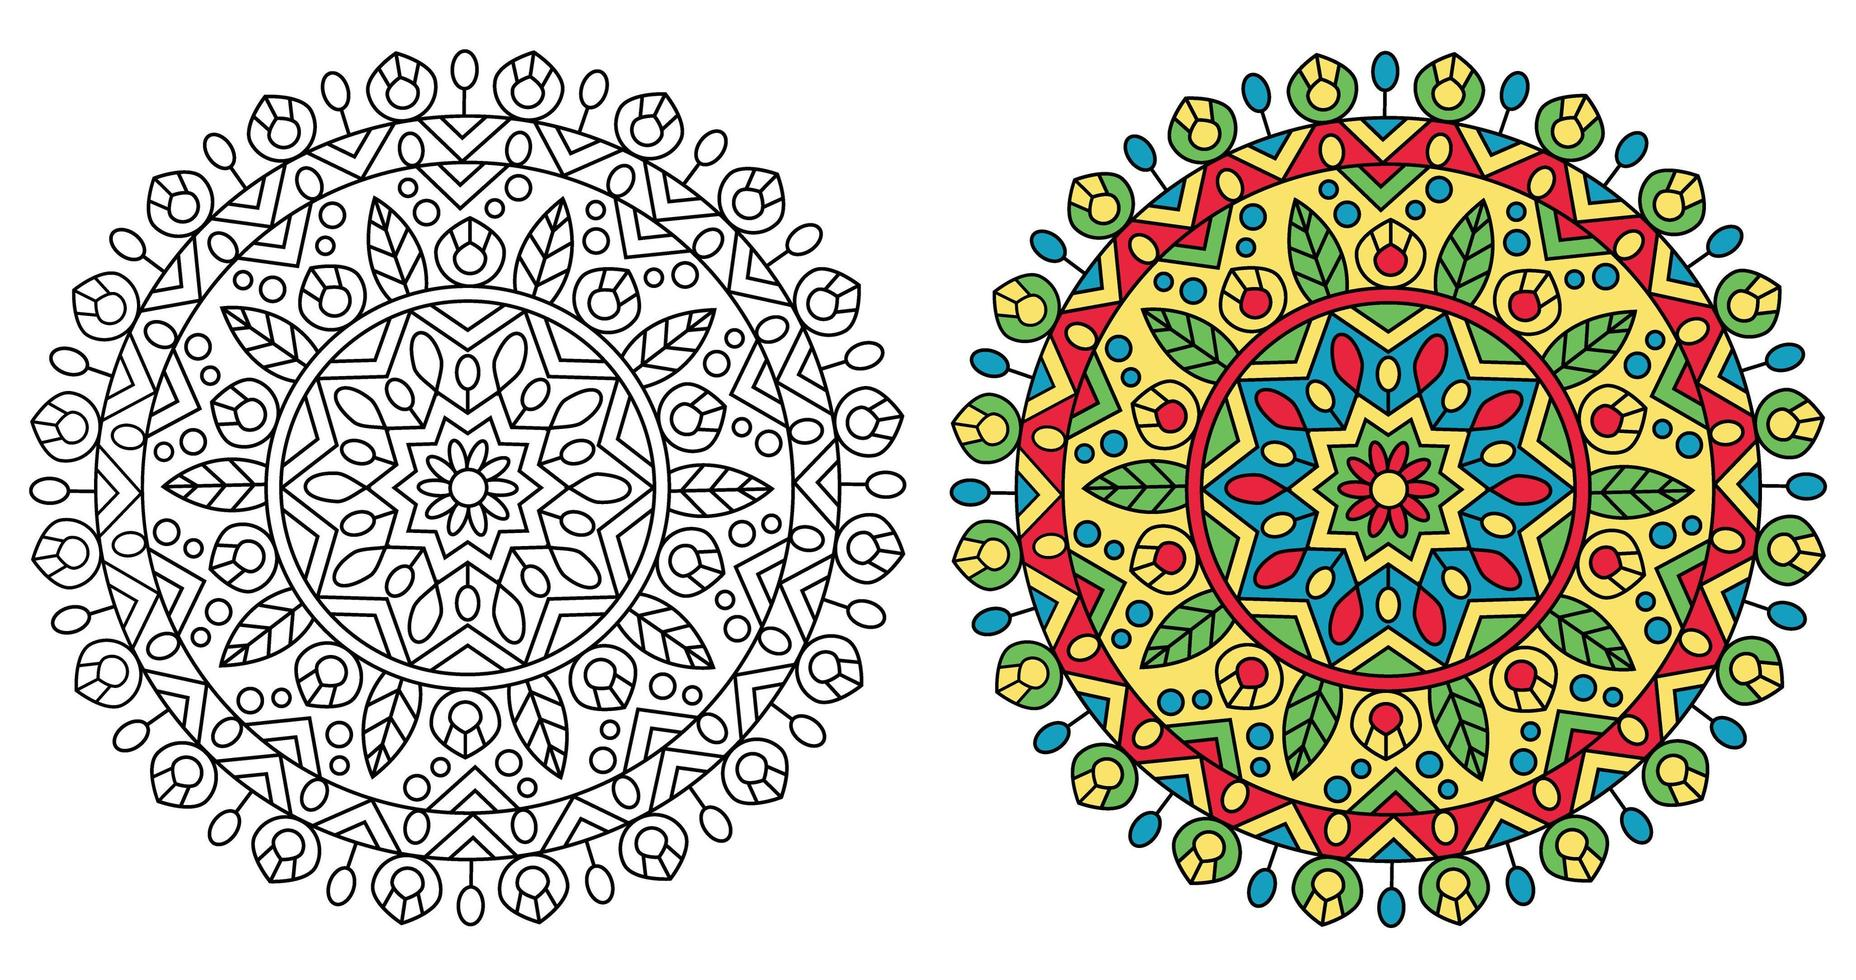 Traditionele Afgeronde Mandala Ontwerp Kleurplaat 1229192 Download Free Vectors Vector Bestanden Ontwerpen Templates